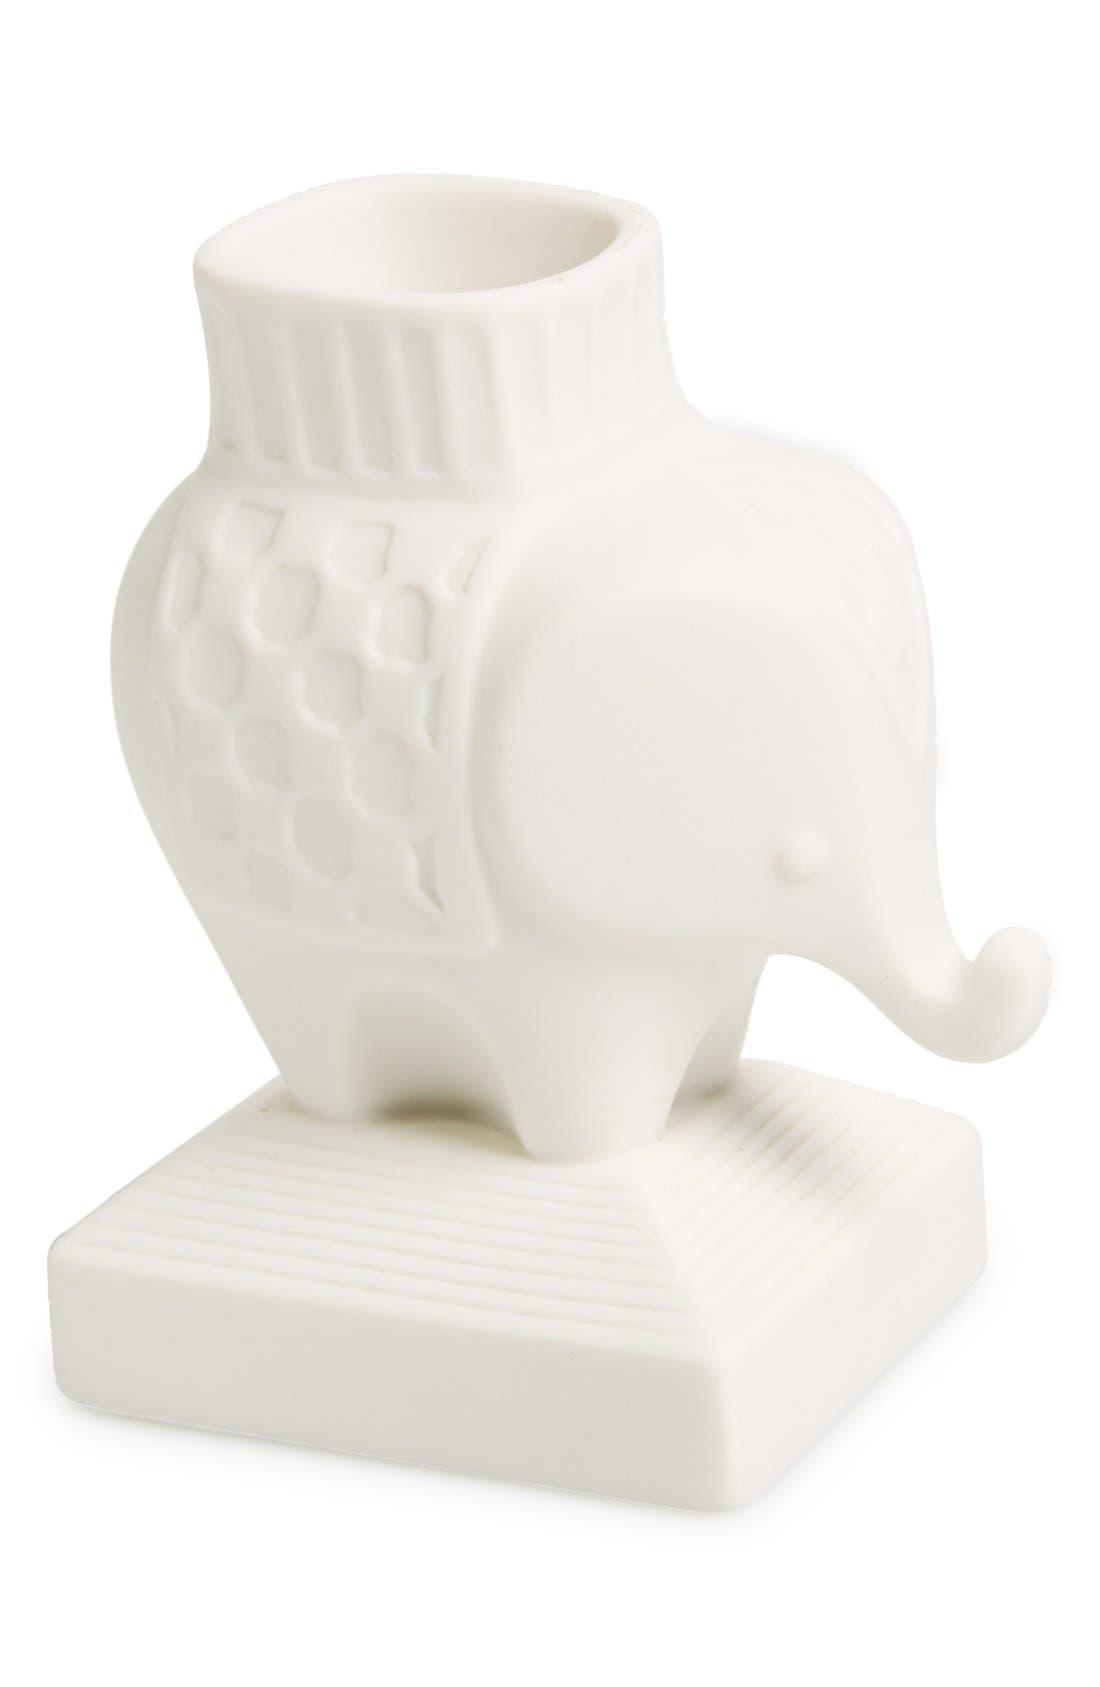 Alternate Image 1 Selected - Jonathan Adler Porcelain Elephant Match Strike